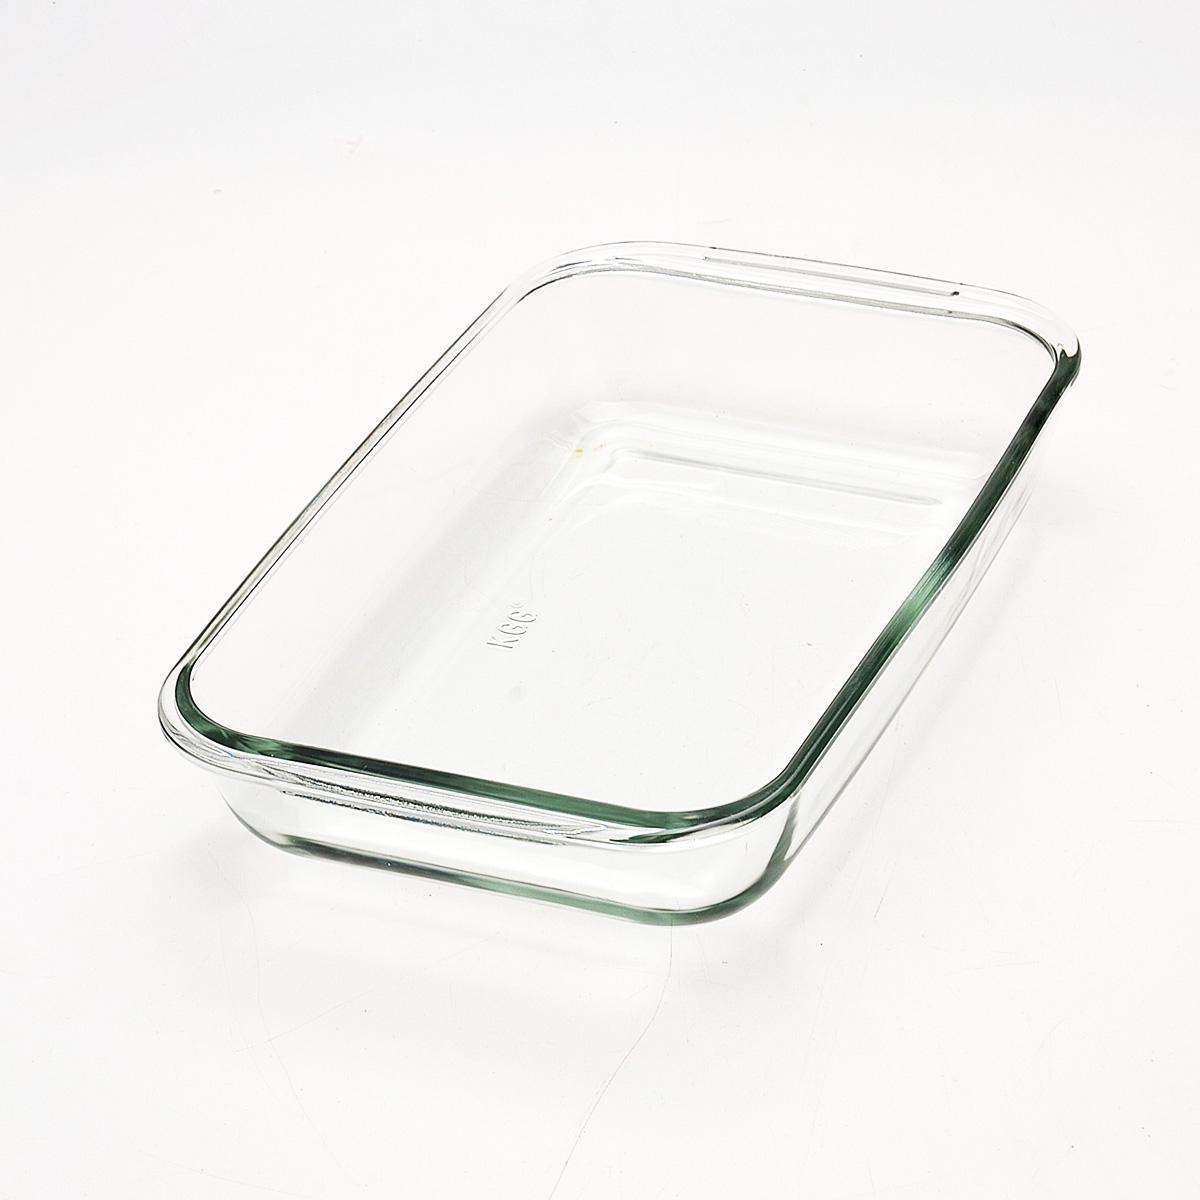 Жаровня Loraine, прямоугольная, 1,6 л54 009312Прямоугольная жаровня Loraine изготовлена из жаропрочного боросиликатного прозрачного стекла. Стеклянная посуда идеальна для запекания, так как стекло - это экологически чистый, износостойкий и долговечный материал, к которому не прилипает пища, в такой посуде пища сохраняет все свои полезные вещества и микроэлементы. Емкость идеальна для запекания в духовке птицы и мяса, для приготовления лазаньи, запеканки и даже пирогов. С жаровней Loraine вы всегда сможете порадовать своих близких оригинальной выпечкой.Подходит для использования в духовке при температуре до +400°С, в морозильной камере при температуре до -40°С. Можно использовать в микроволновой печи. Подходит для мытья в посудомоечной машине. Размер (с учетом ручек): 29,6 см х 17,9 см. Размер (без учета ручек): 26 см х 16,5 см. Высота стенки: 5 см.